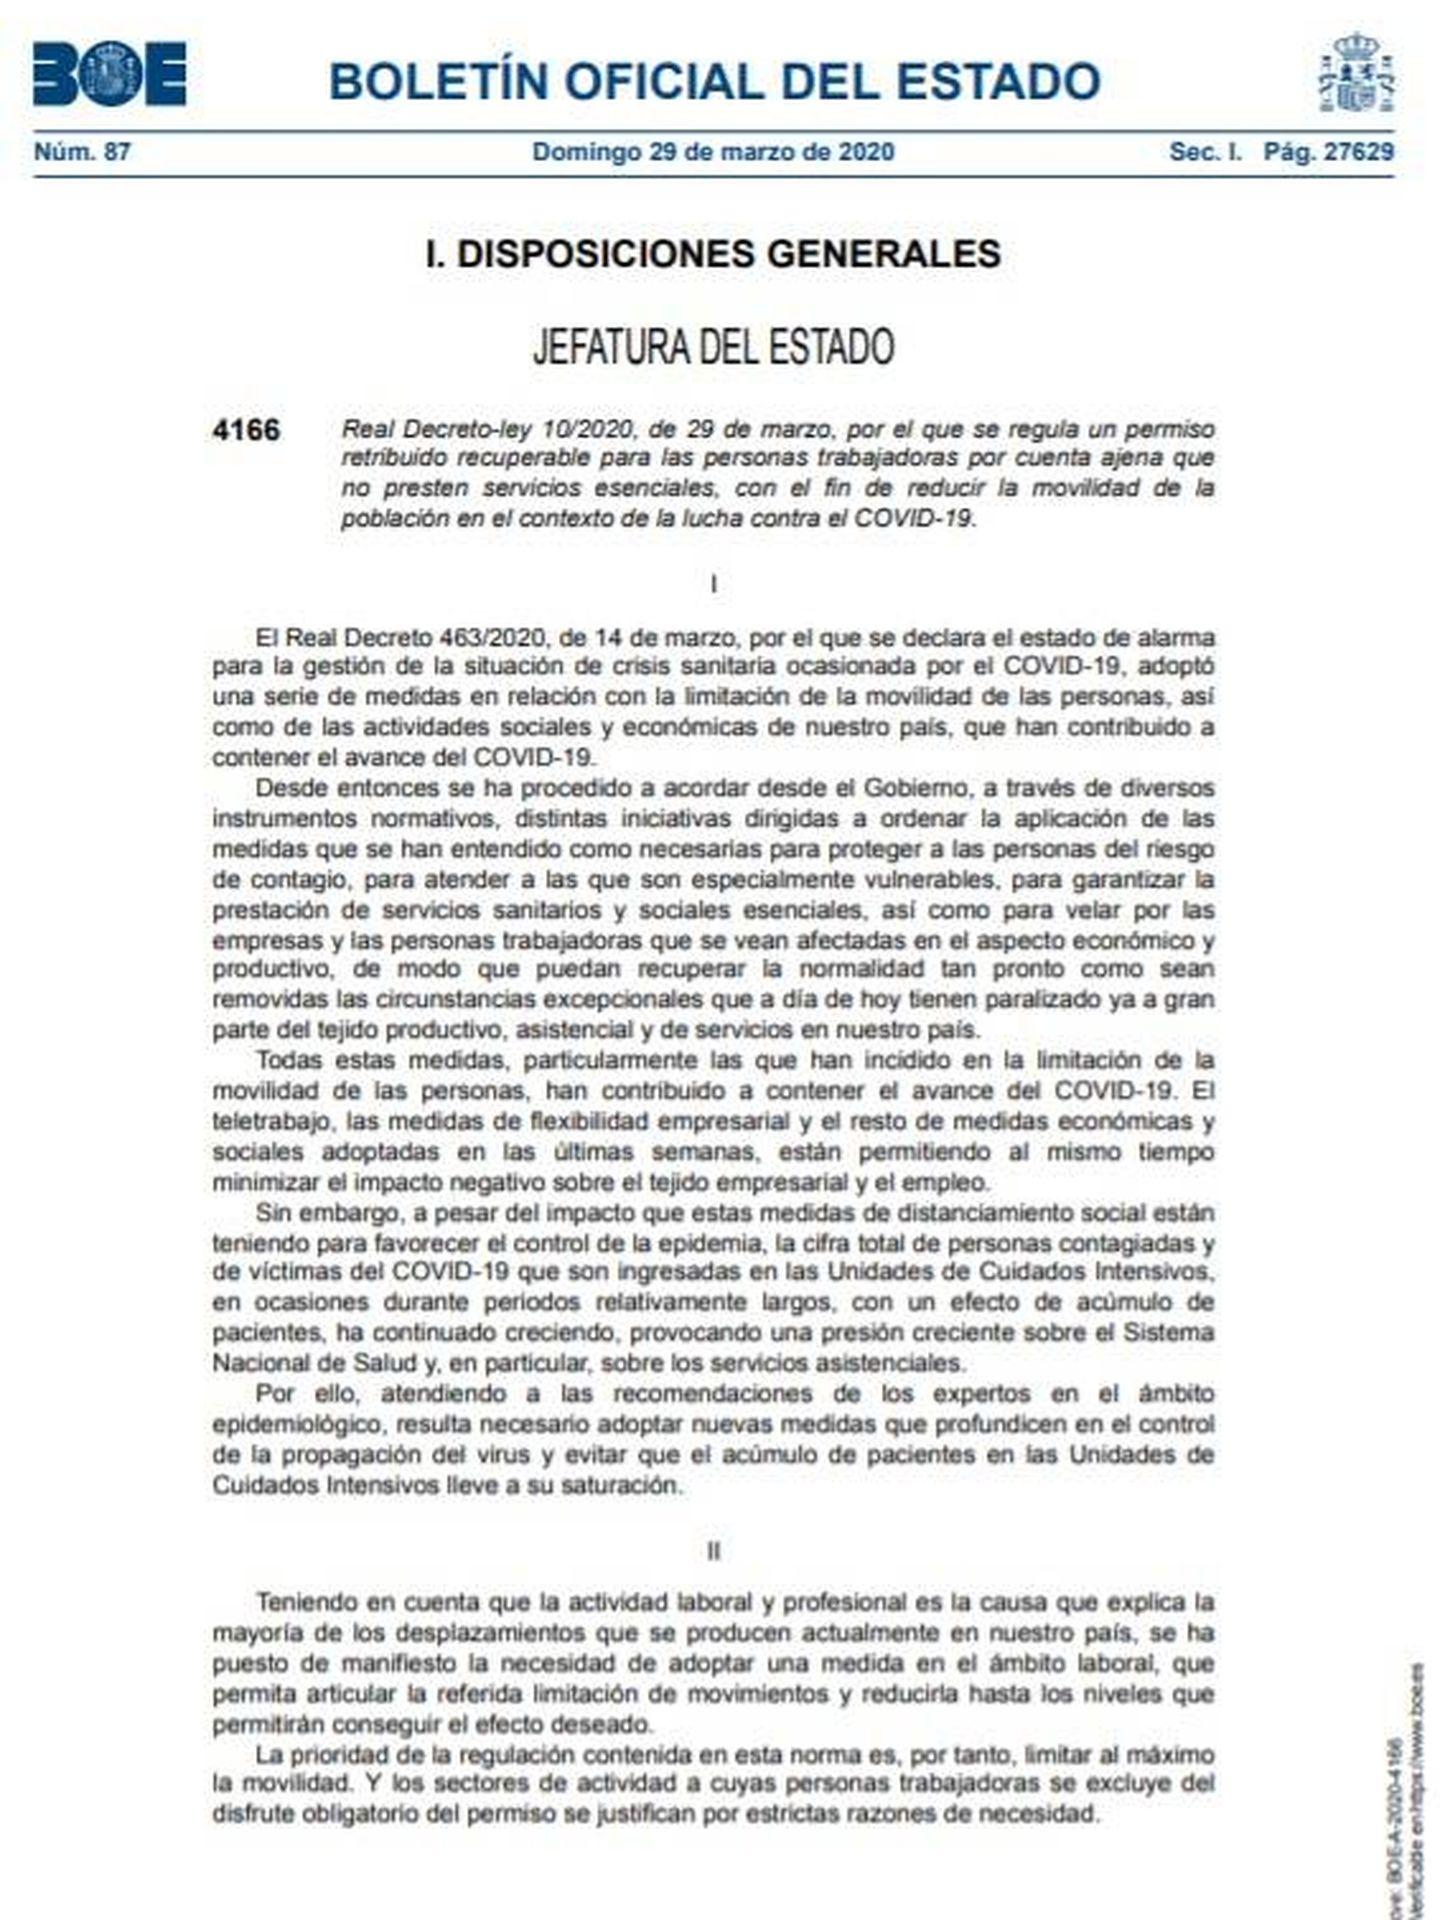 Consulte aquí en PDF el real decreto ley 10/2020, de 29 de marzo, de cese de actividad no esencial.